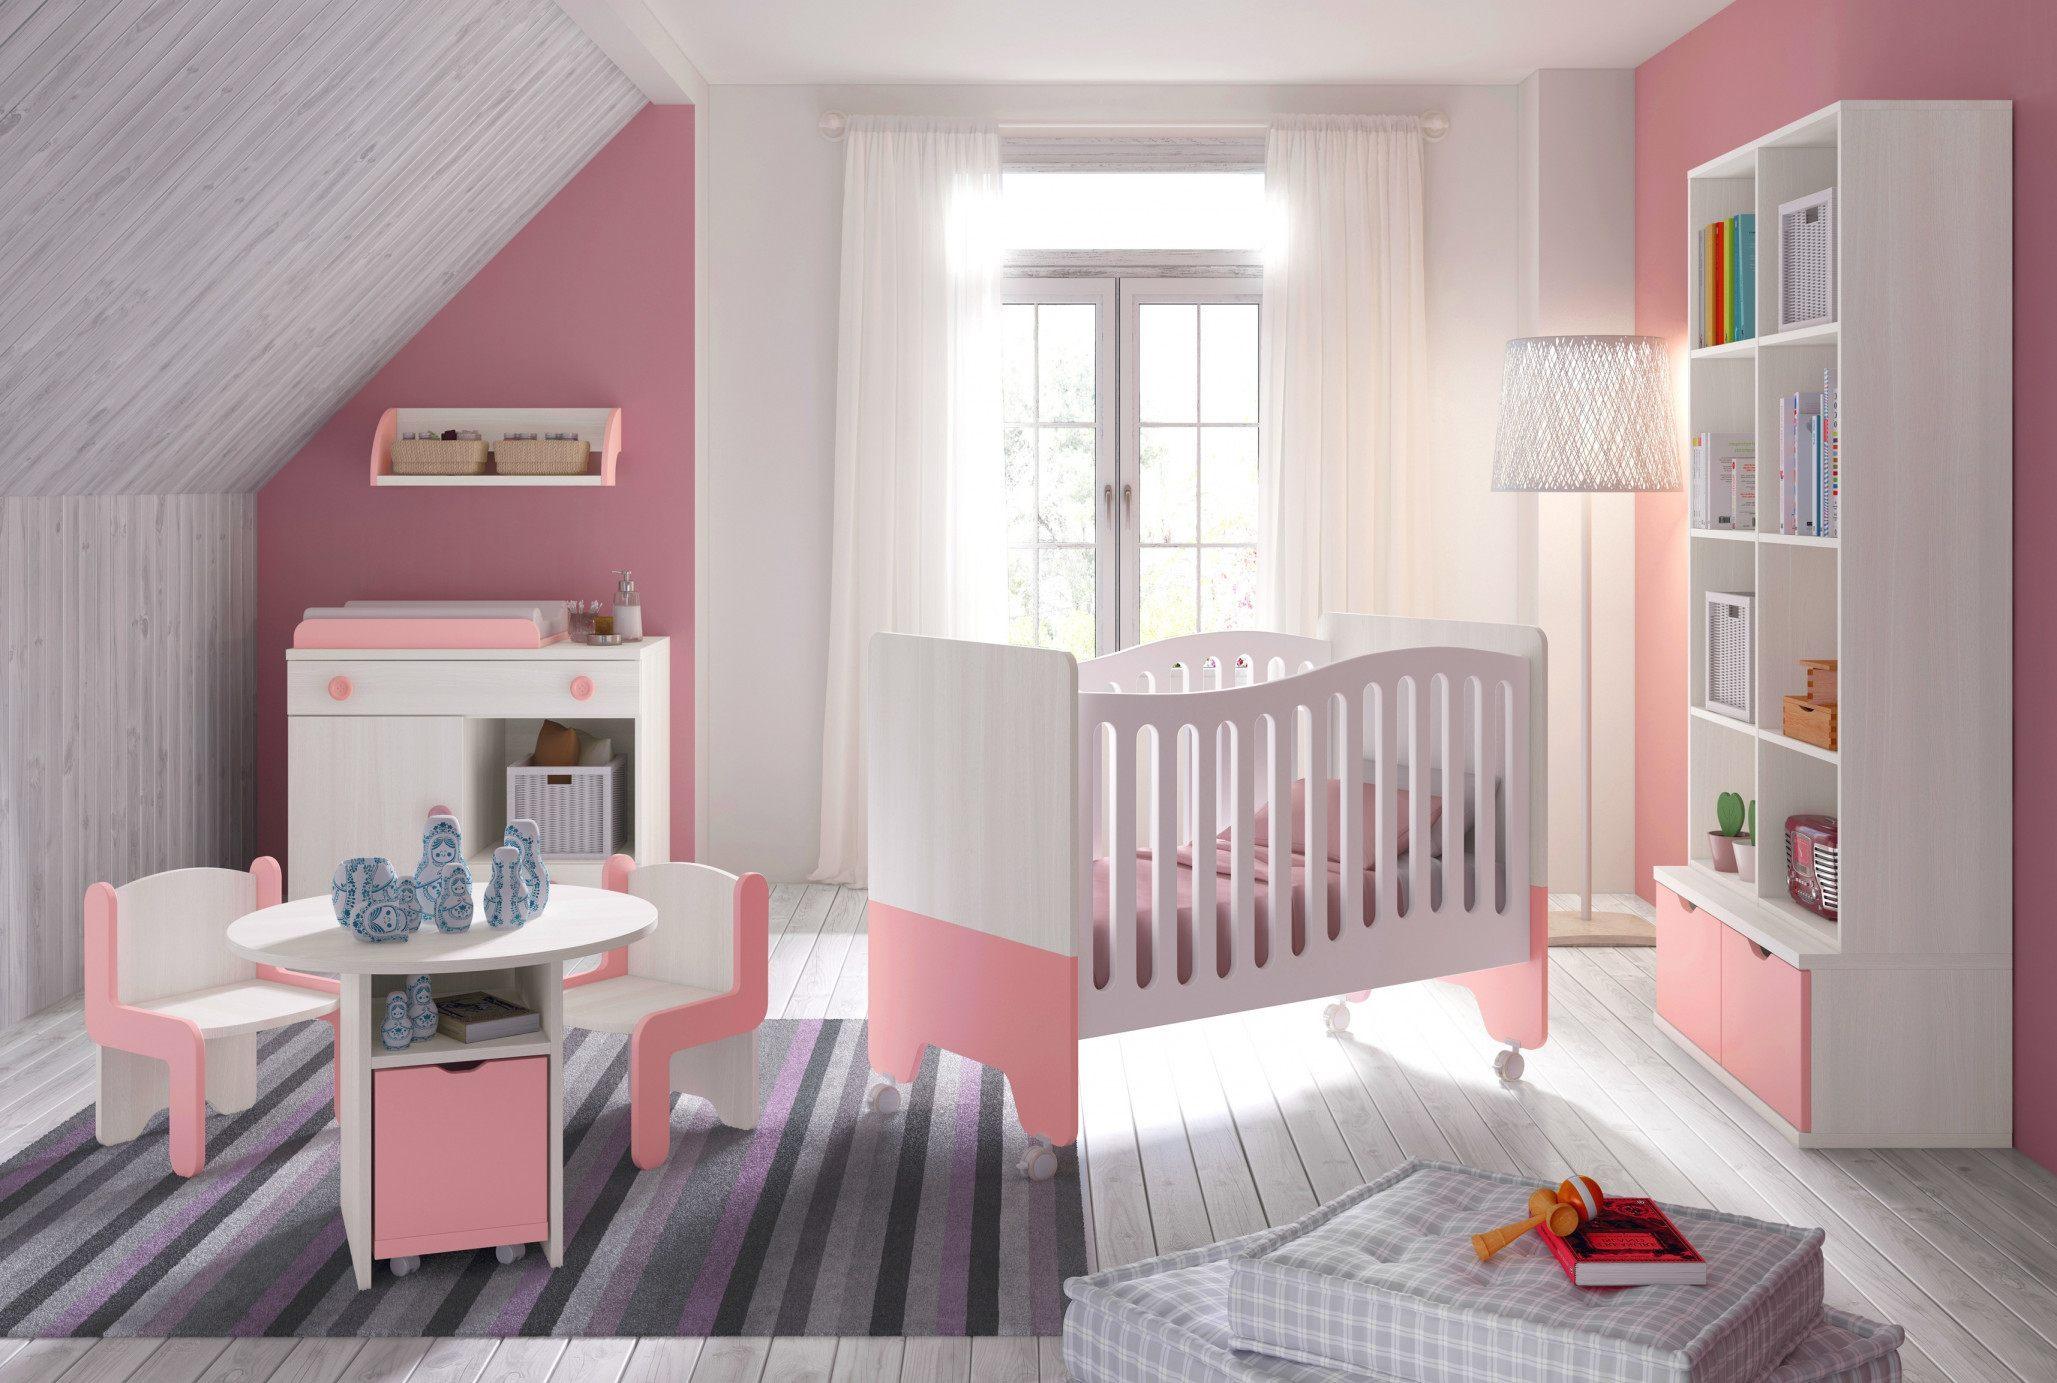 Lit Bébé Natalys Belle 53 Nouveau Cadre Pour Chambre Bébé Les